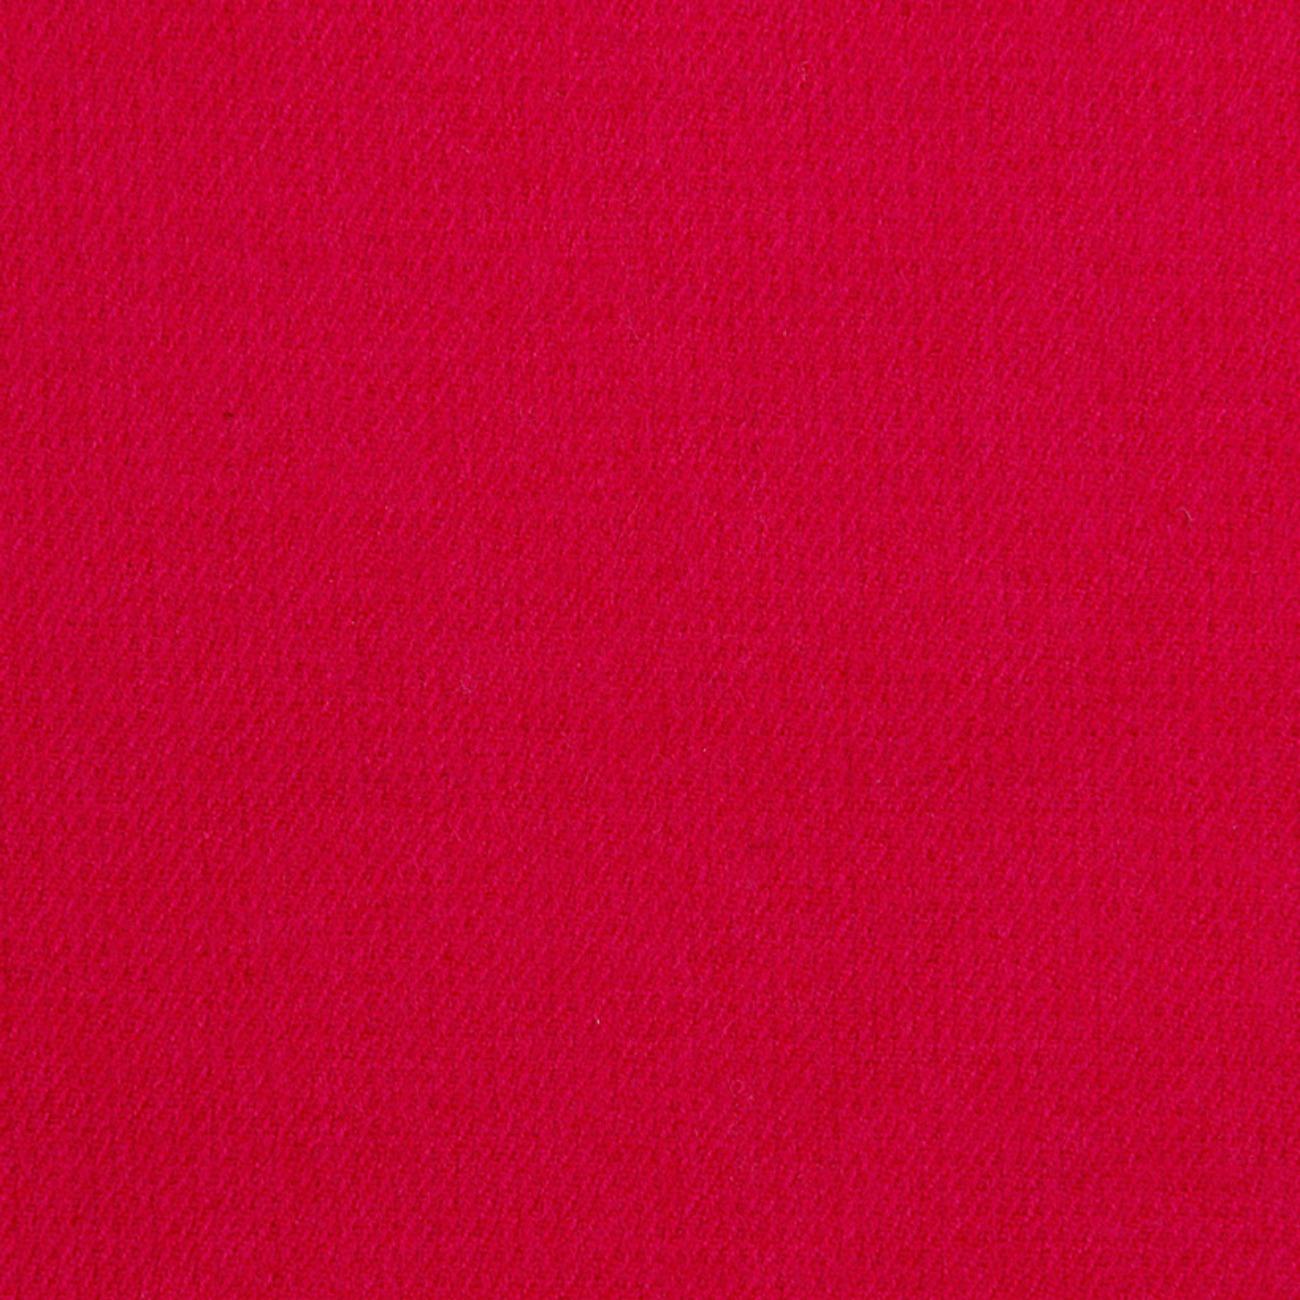 斜纹 素色 双面 无弹 大衣 外套 柔软 细腻 绒感 男装 女装 童装 秋冬 羊毛 71019-9